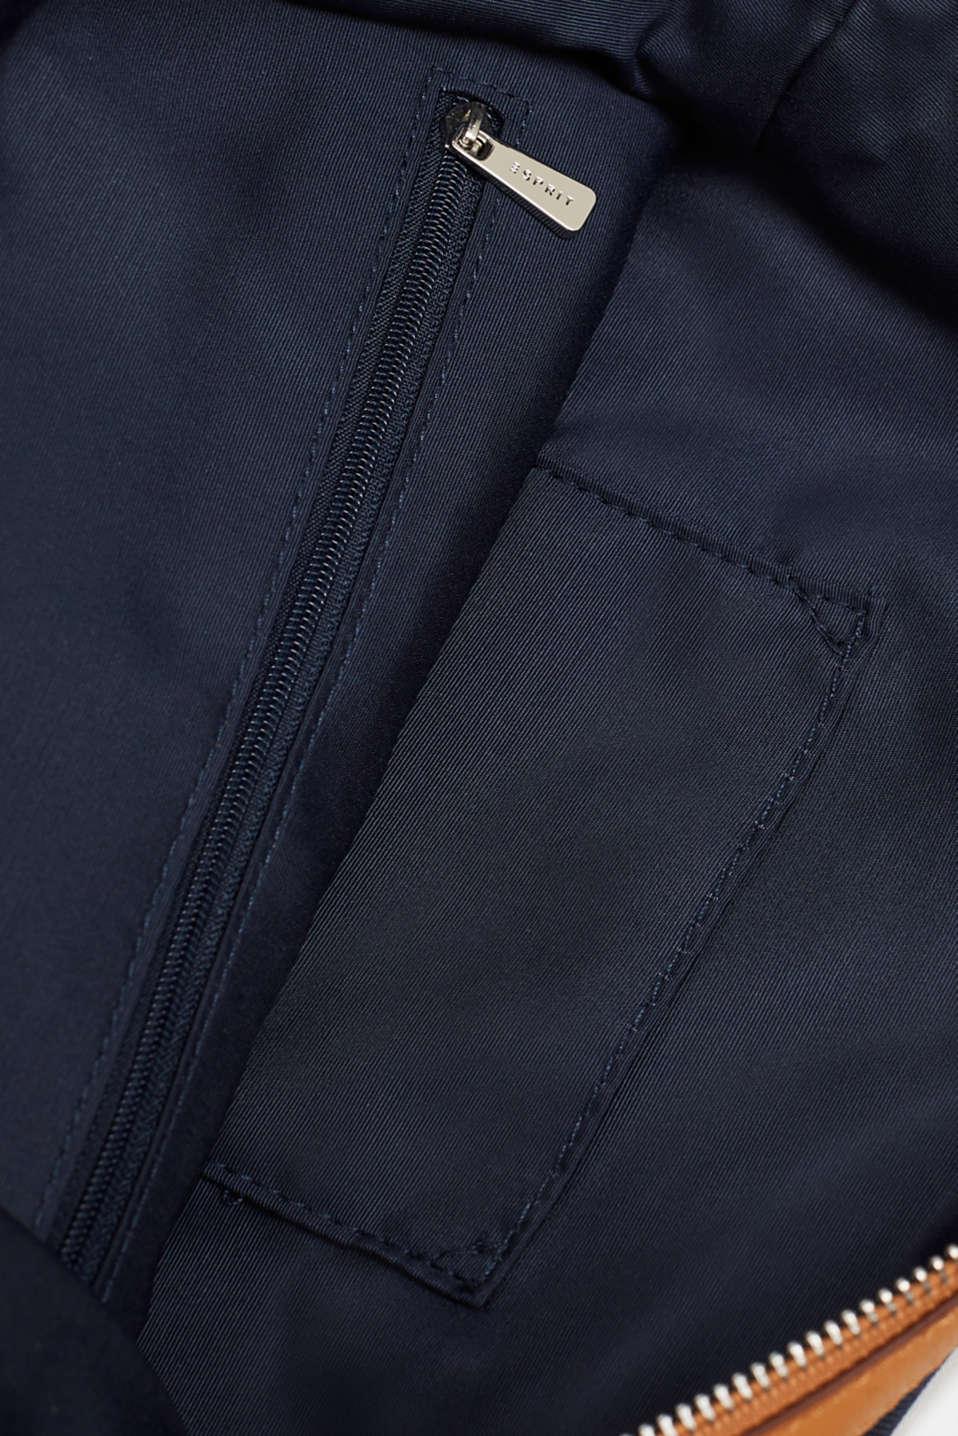 Monogram shoulder bag made of nylon, NAVY, detail image number 4